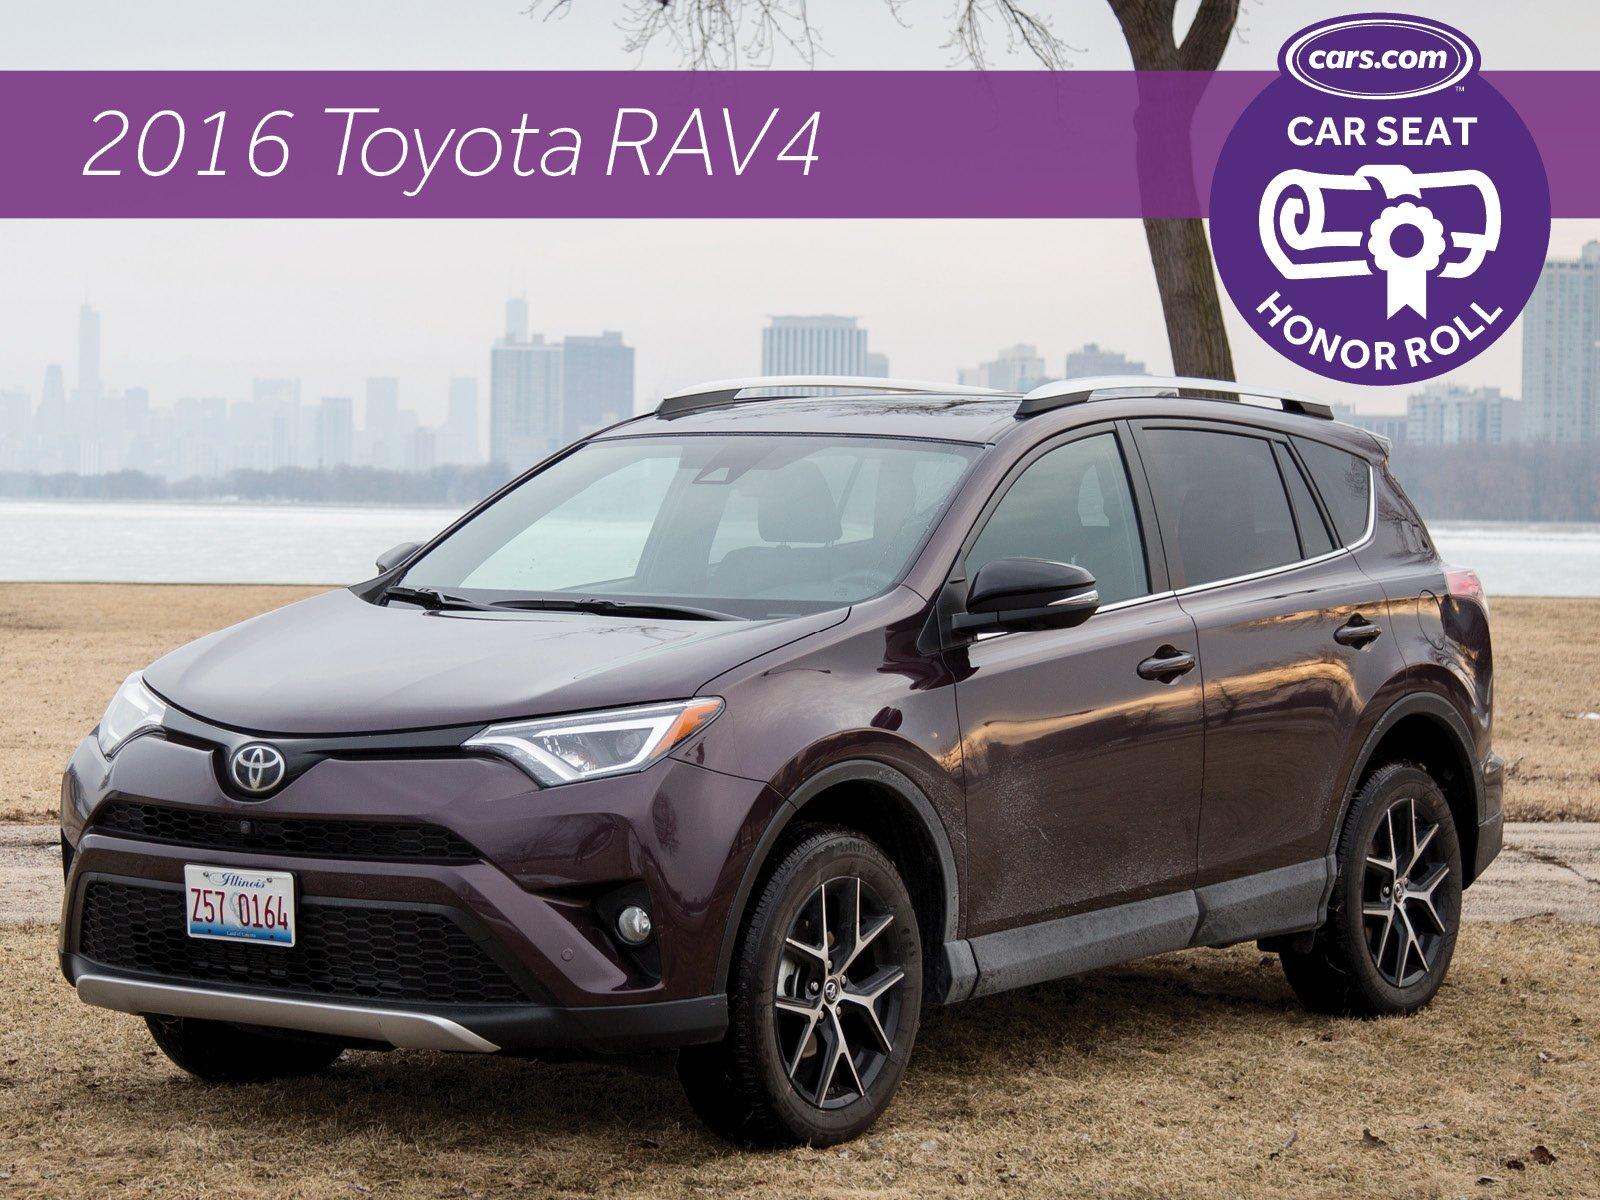 honor-roll-2016-toyota-rav4-1